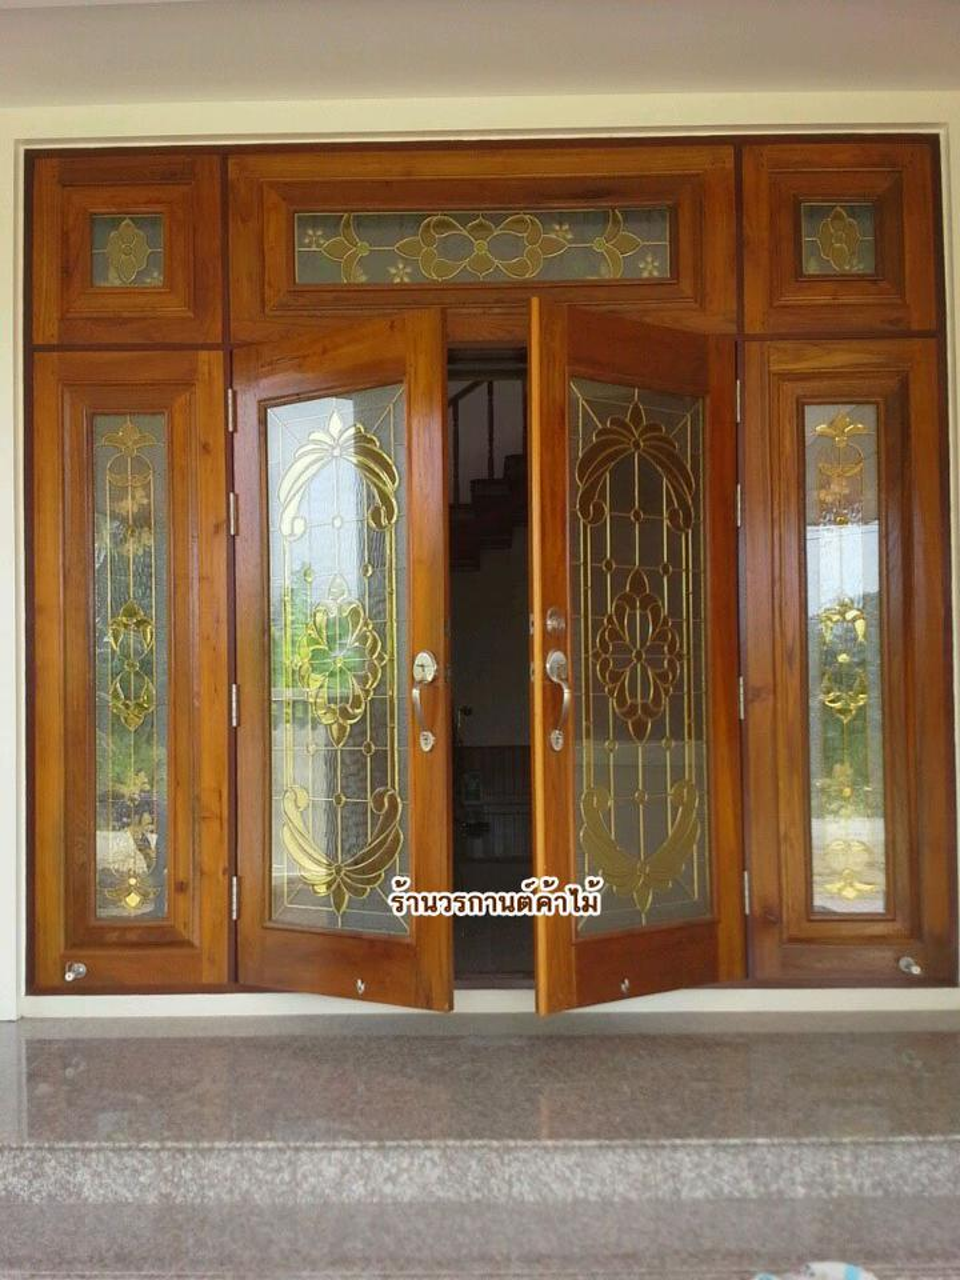 door-woodhome.comร้านวรกานต์ค้าไม้ จำหน่าย ประตูไม้สัก,ประตูไม้สักกระจกนิรภัย, หน้าต่างไม้สัก วงกบ ประตูไม้สักแพร่ รูปที่ 1